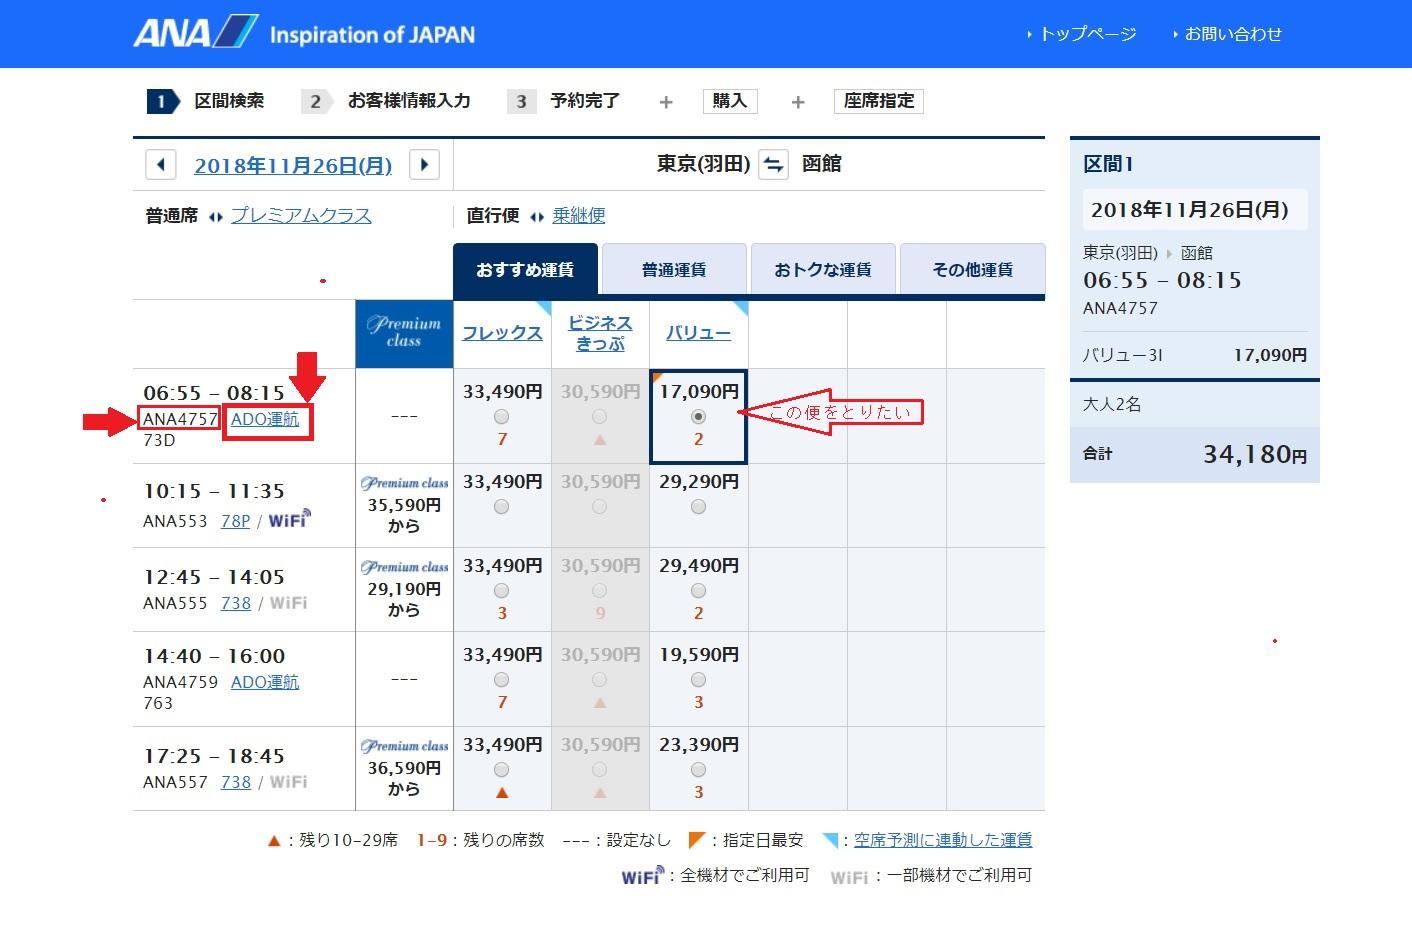 ANA函館ADO共同運航便往路